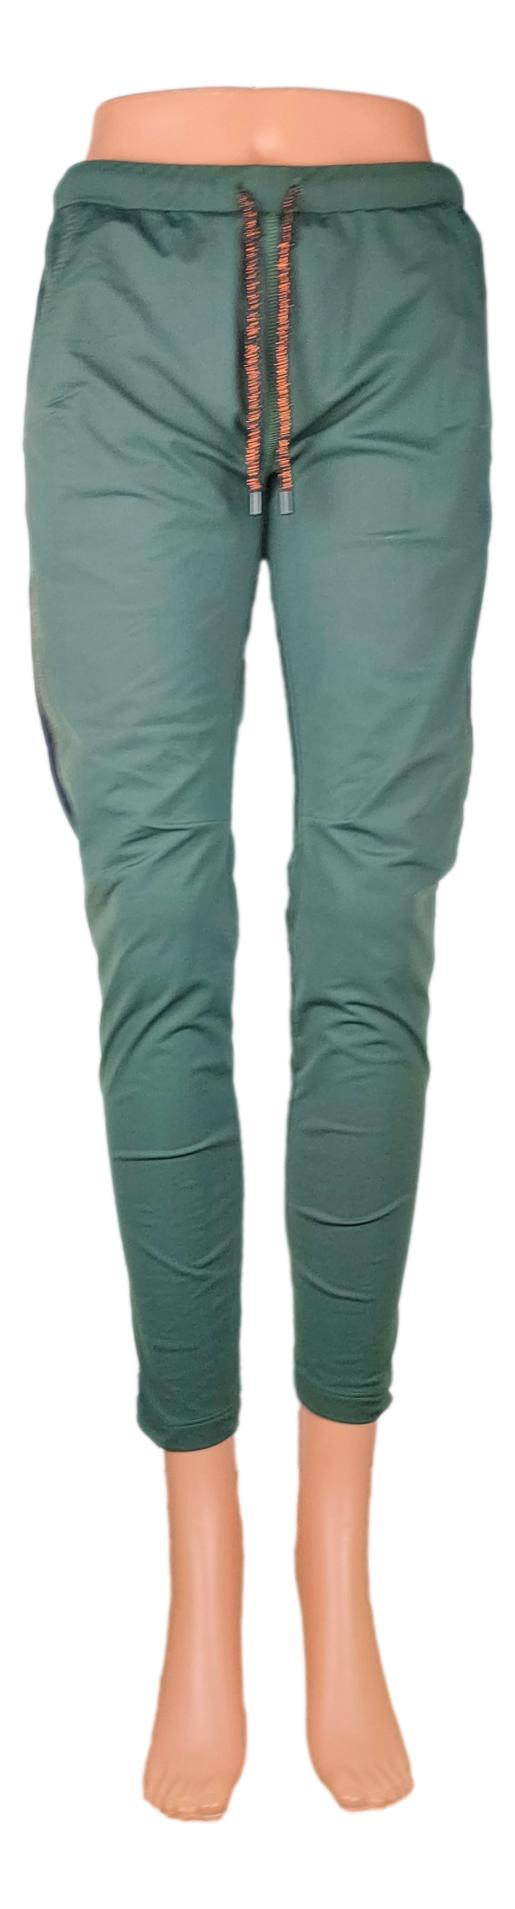 Pantalon HBT - Taille S